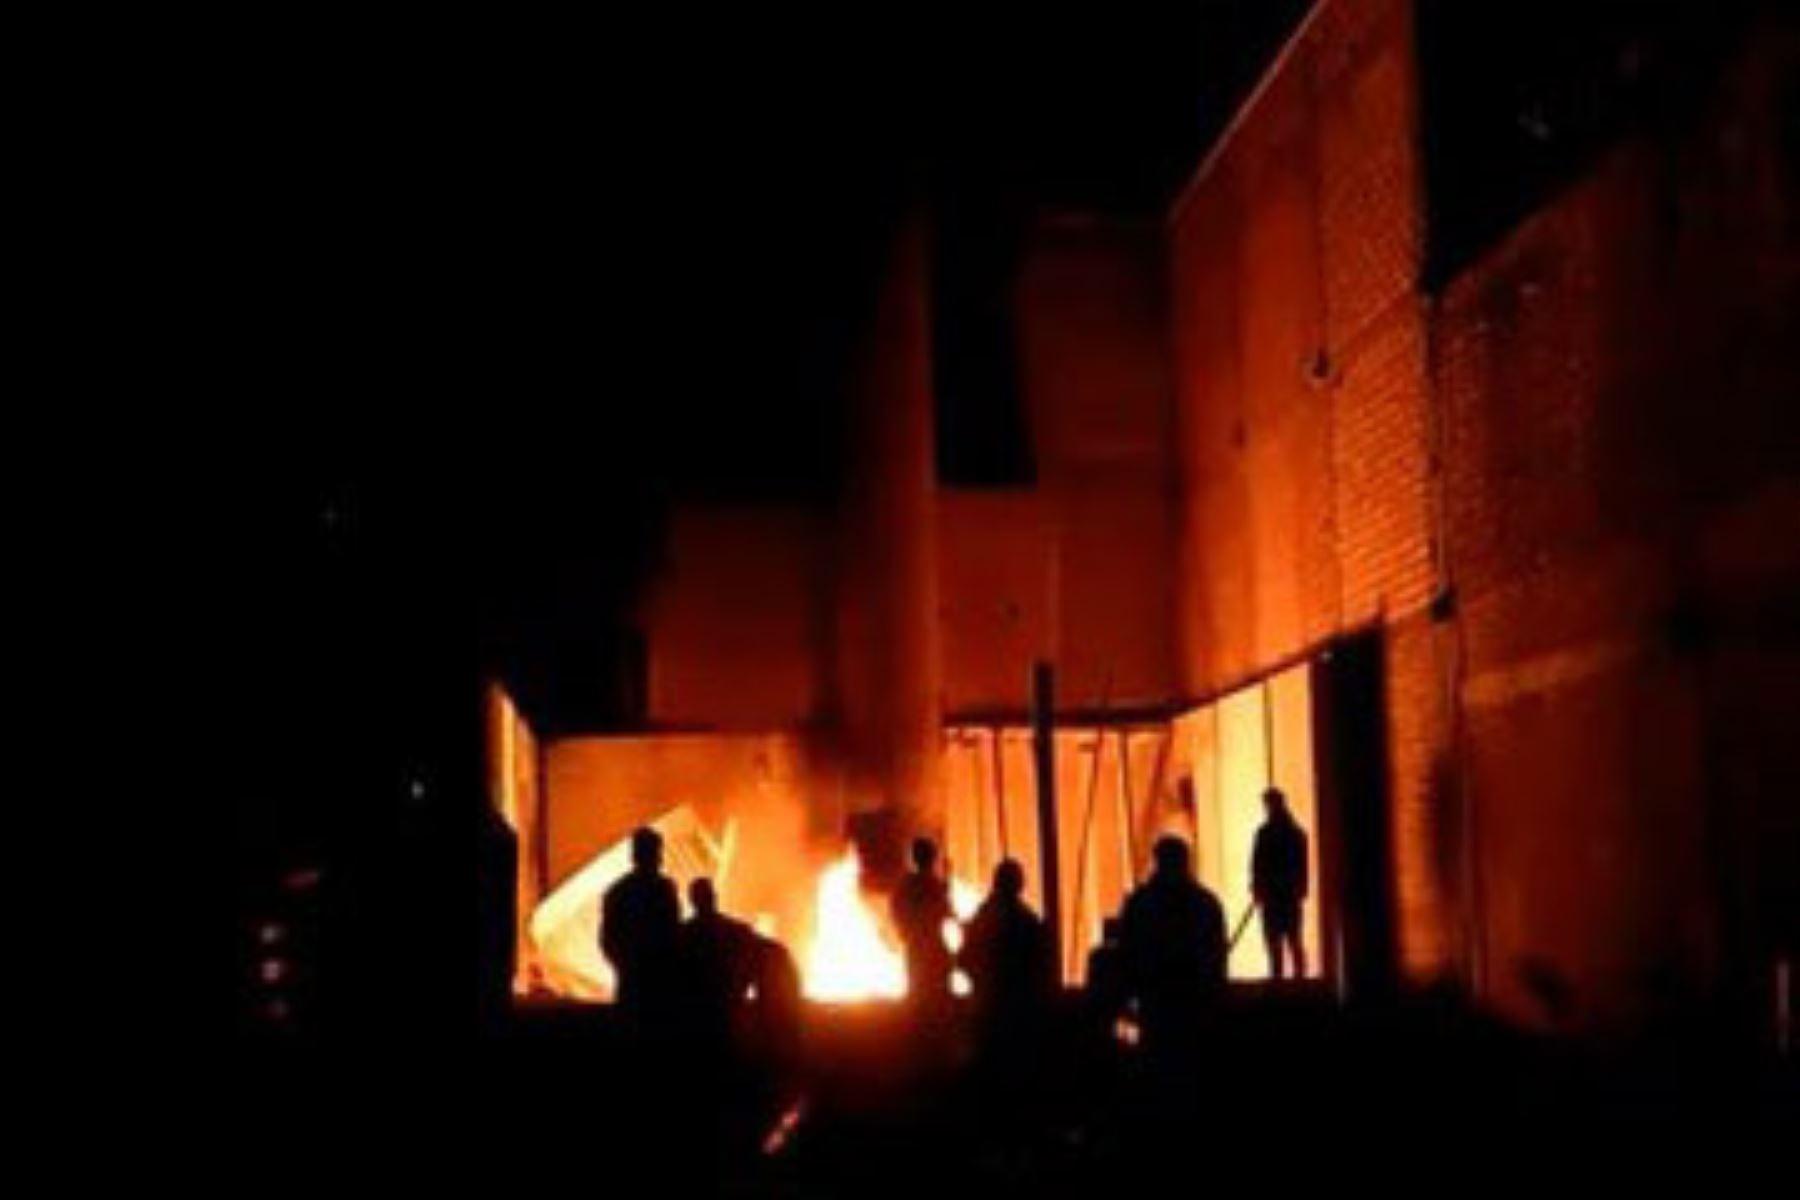 Incidente de madrugada en el distrito de Chilca, en Huancayo: vecinos quemaron antena de telefonía. ANDINA/Difusión